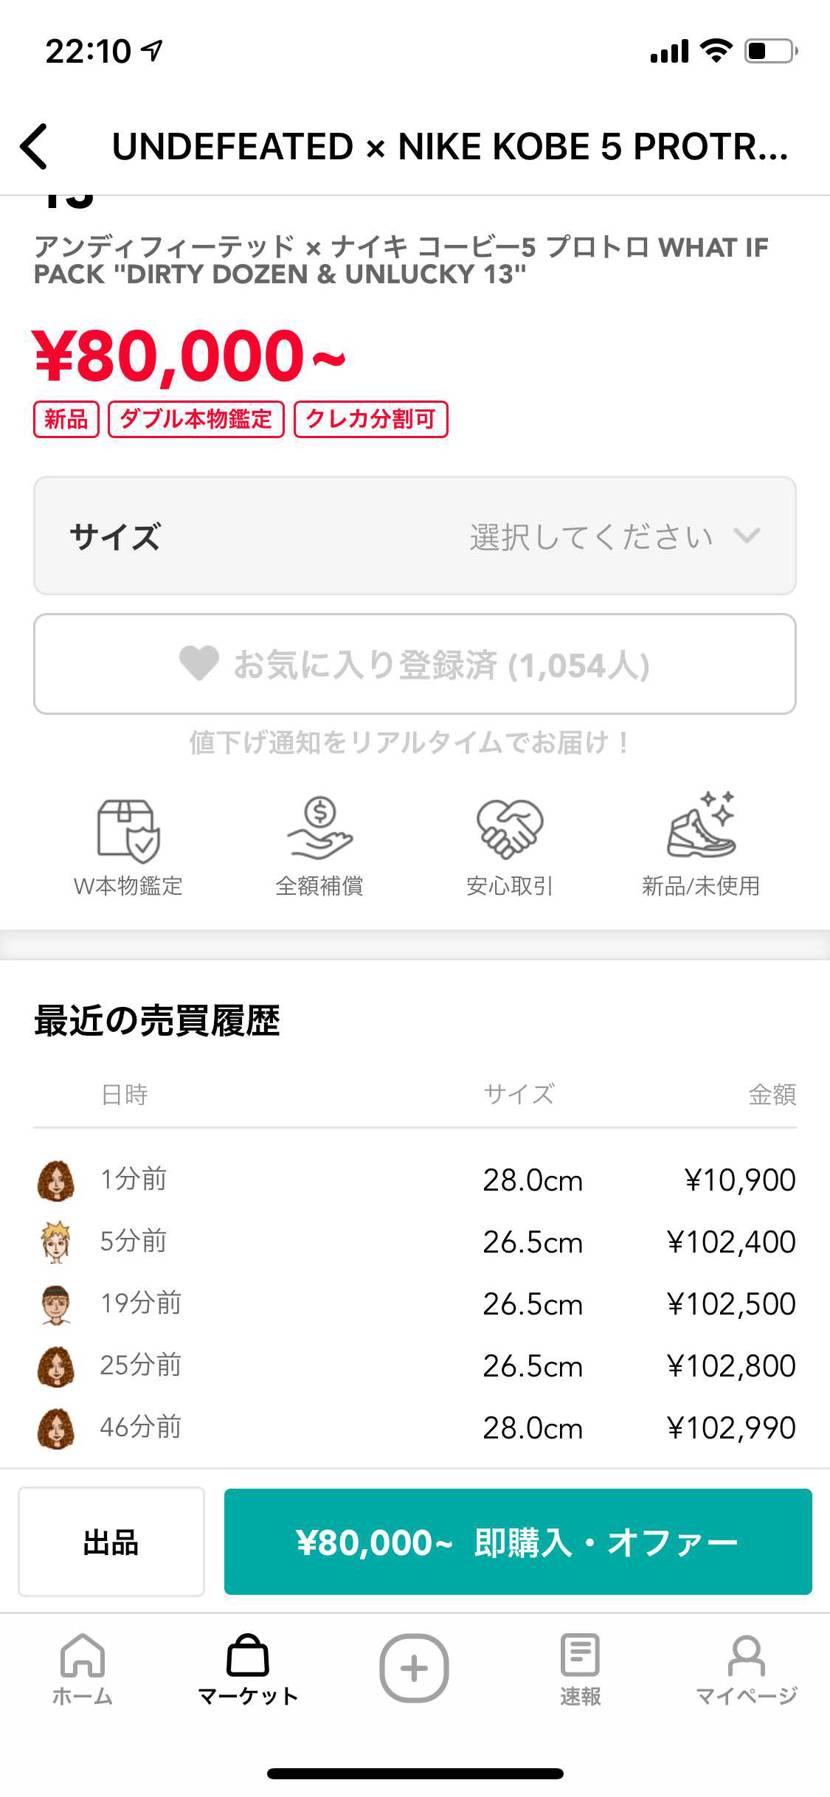 情報戦の中、六万円代で買えた人は幸せ者だなの眺めてたら、、